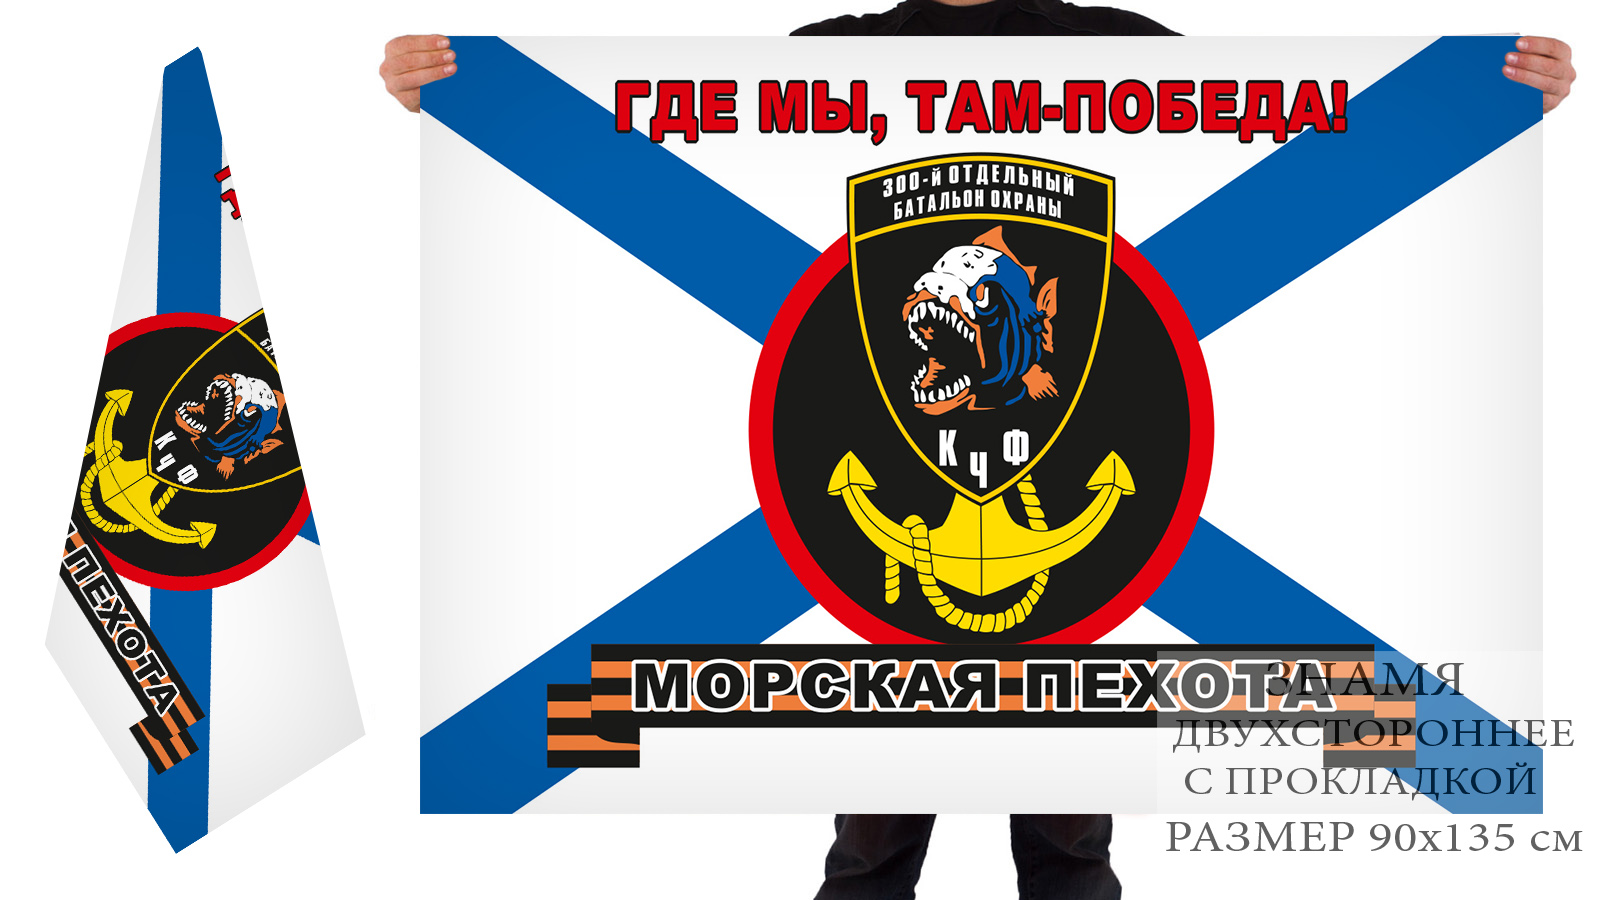 Двусторонний флаг Морской пехоты Черноморского флота «300 отдельный батальон охраны»